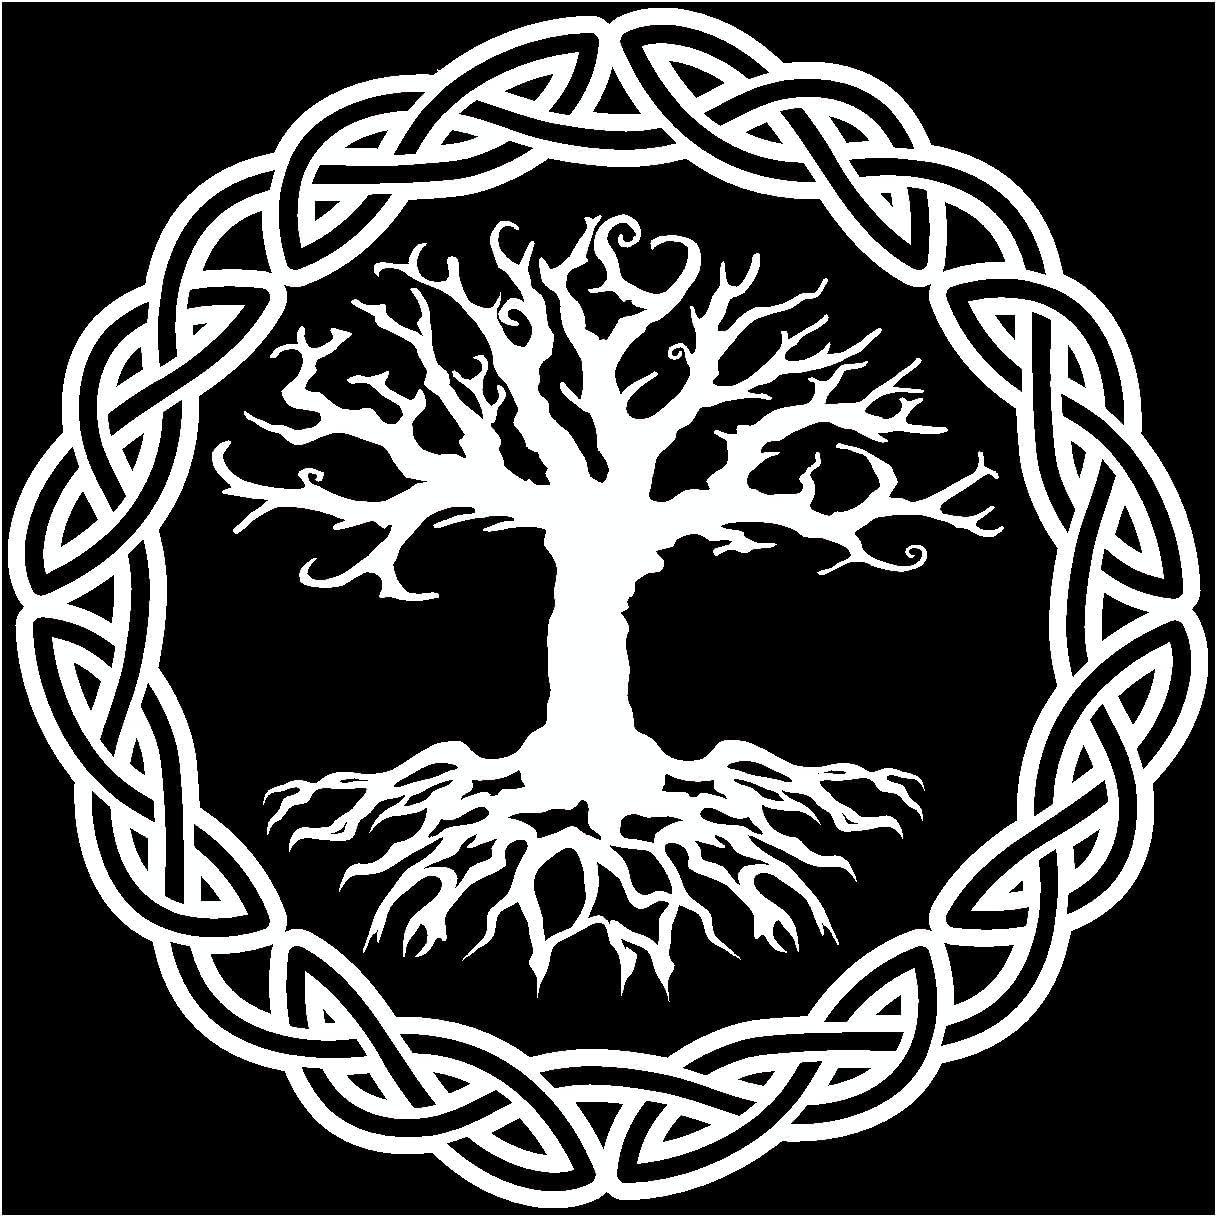 Samunshi Aufkleber Yggdrasil Mit Knoten A Vikings Wikinger Für Auto Motorrad In 11 Größen Und 25 Farben 10x10cm Weiß Küche Haushalt